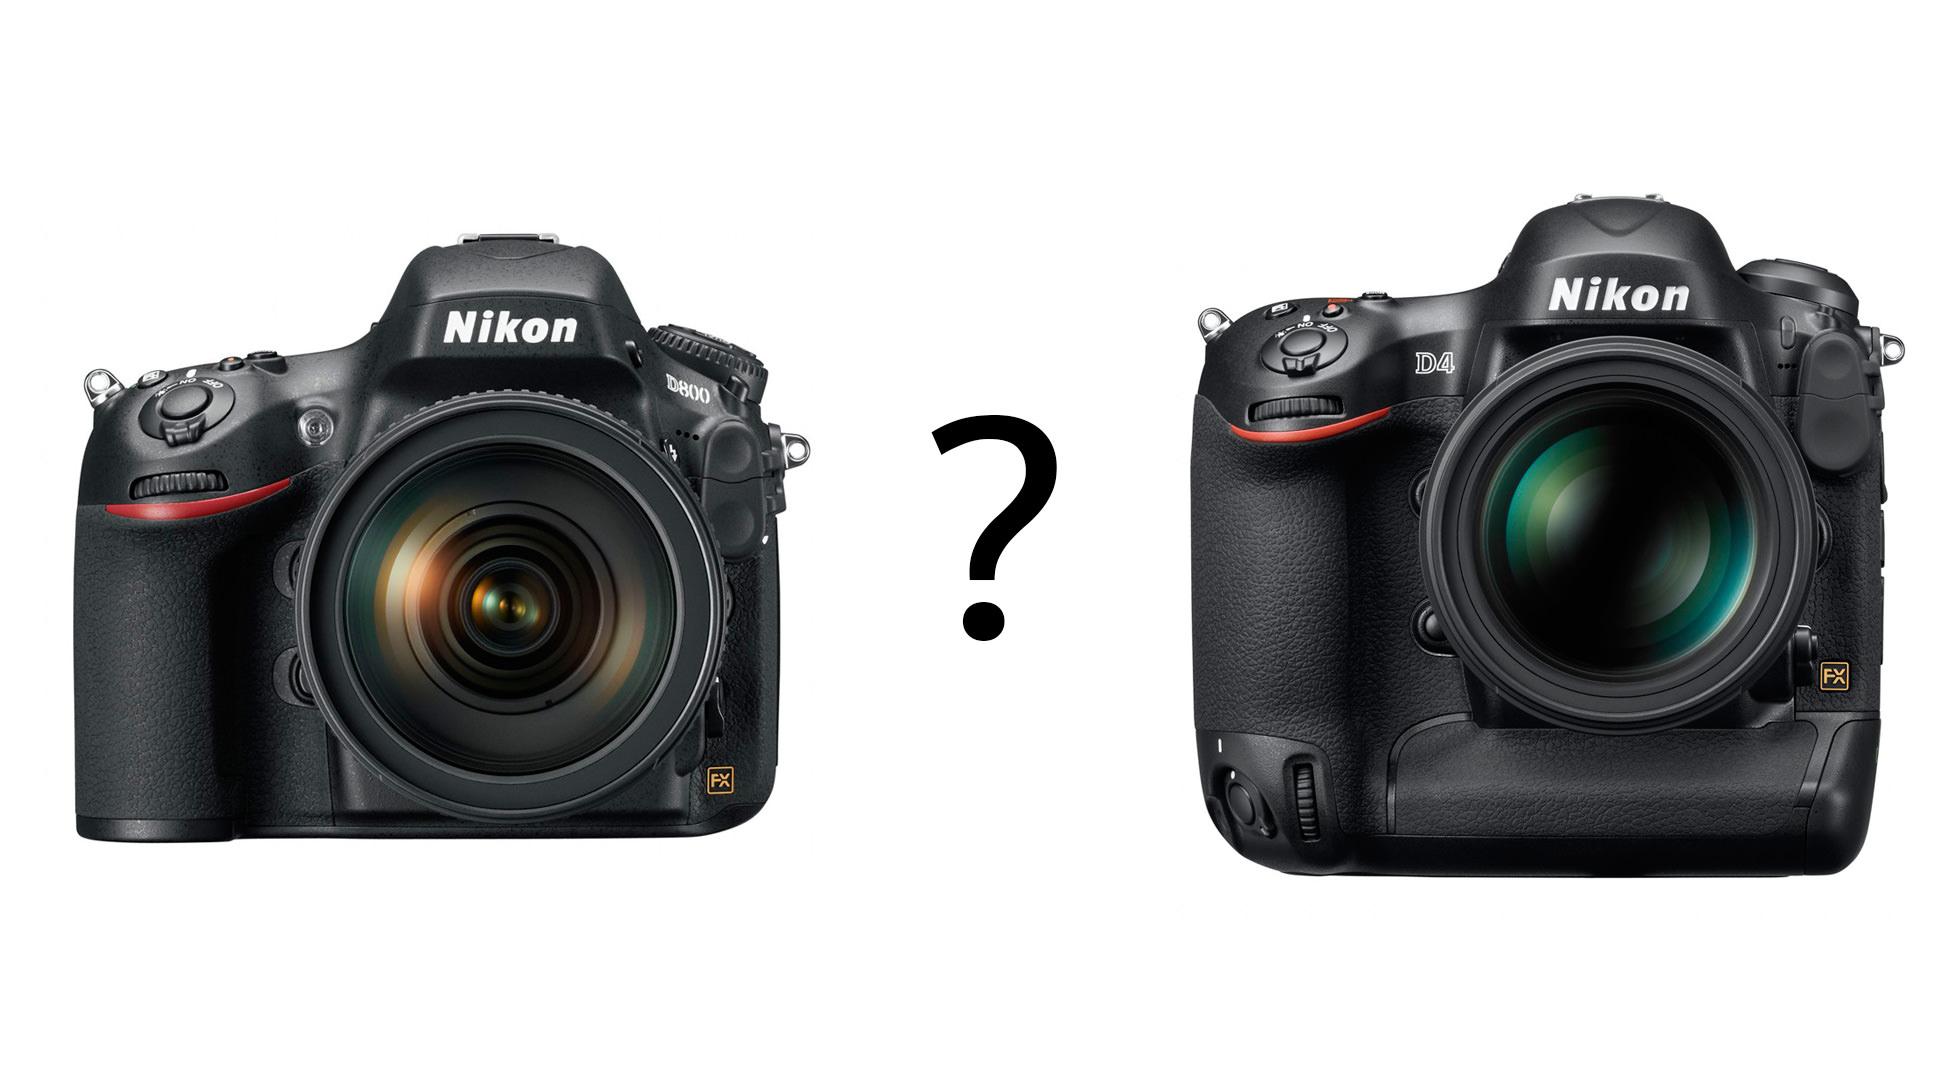 Nikon-D800-vs-Nikon-D4